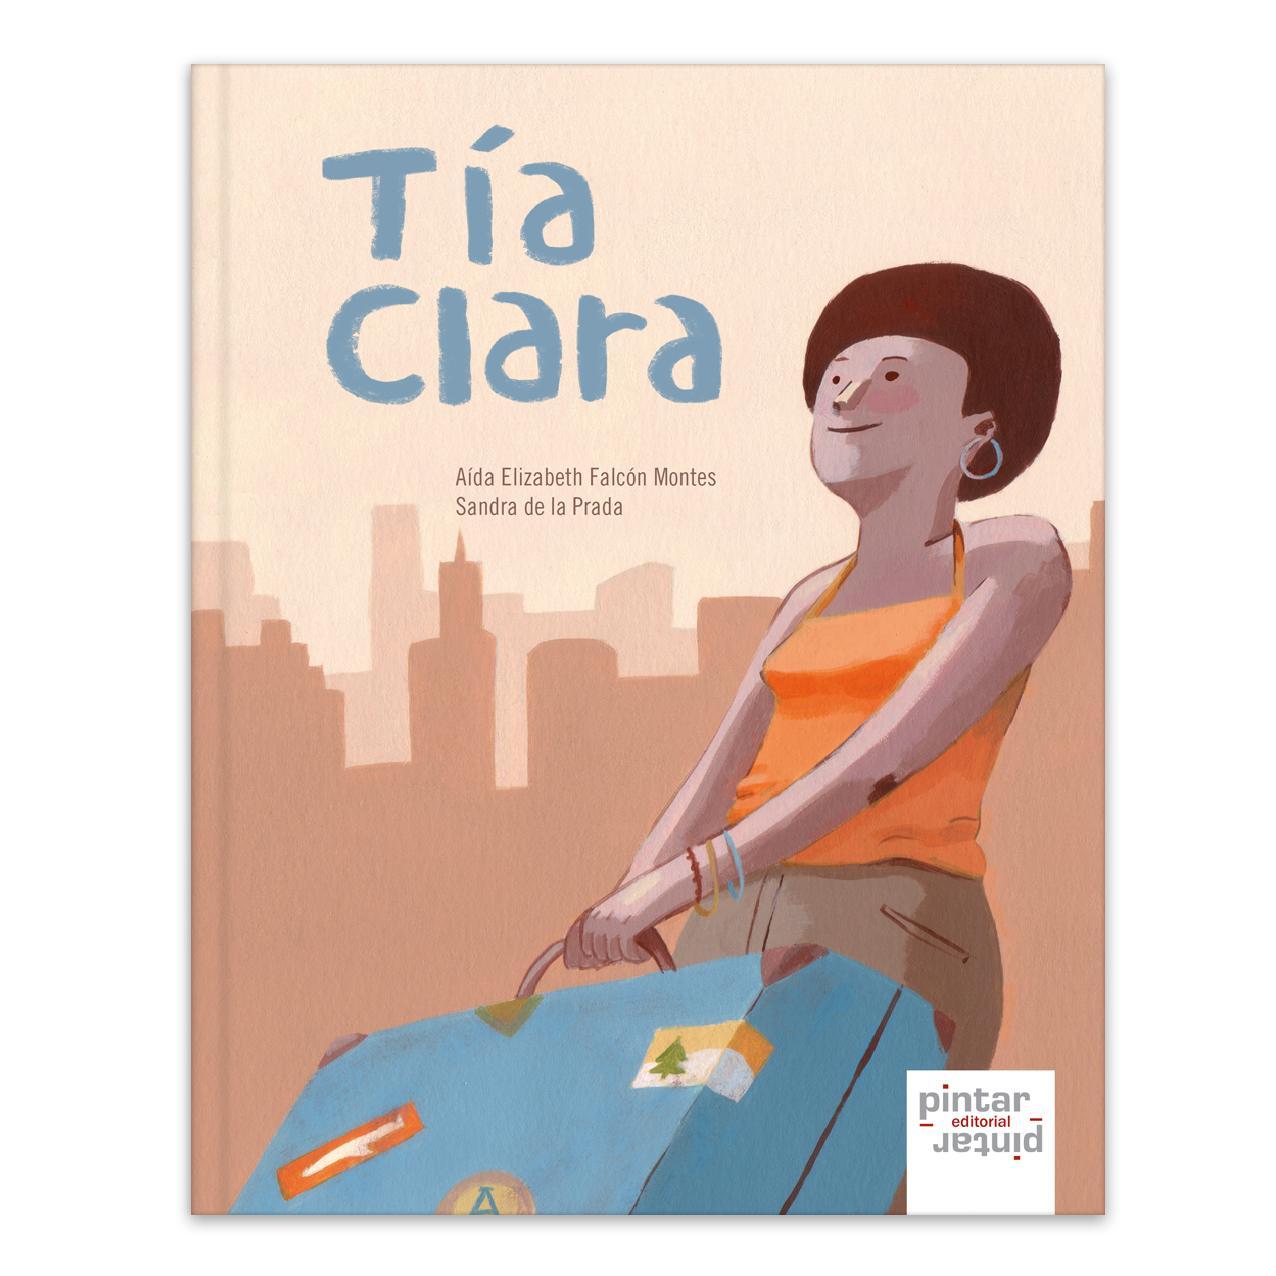 Tía Clara